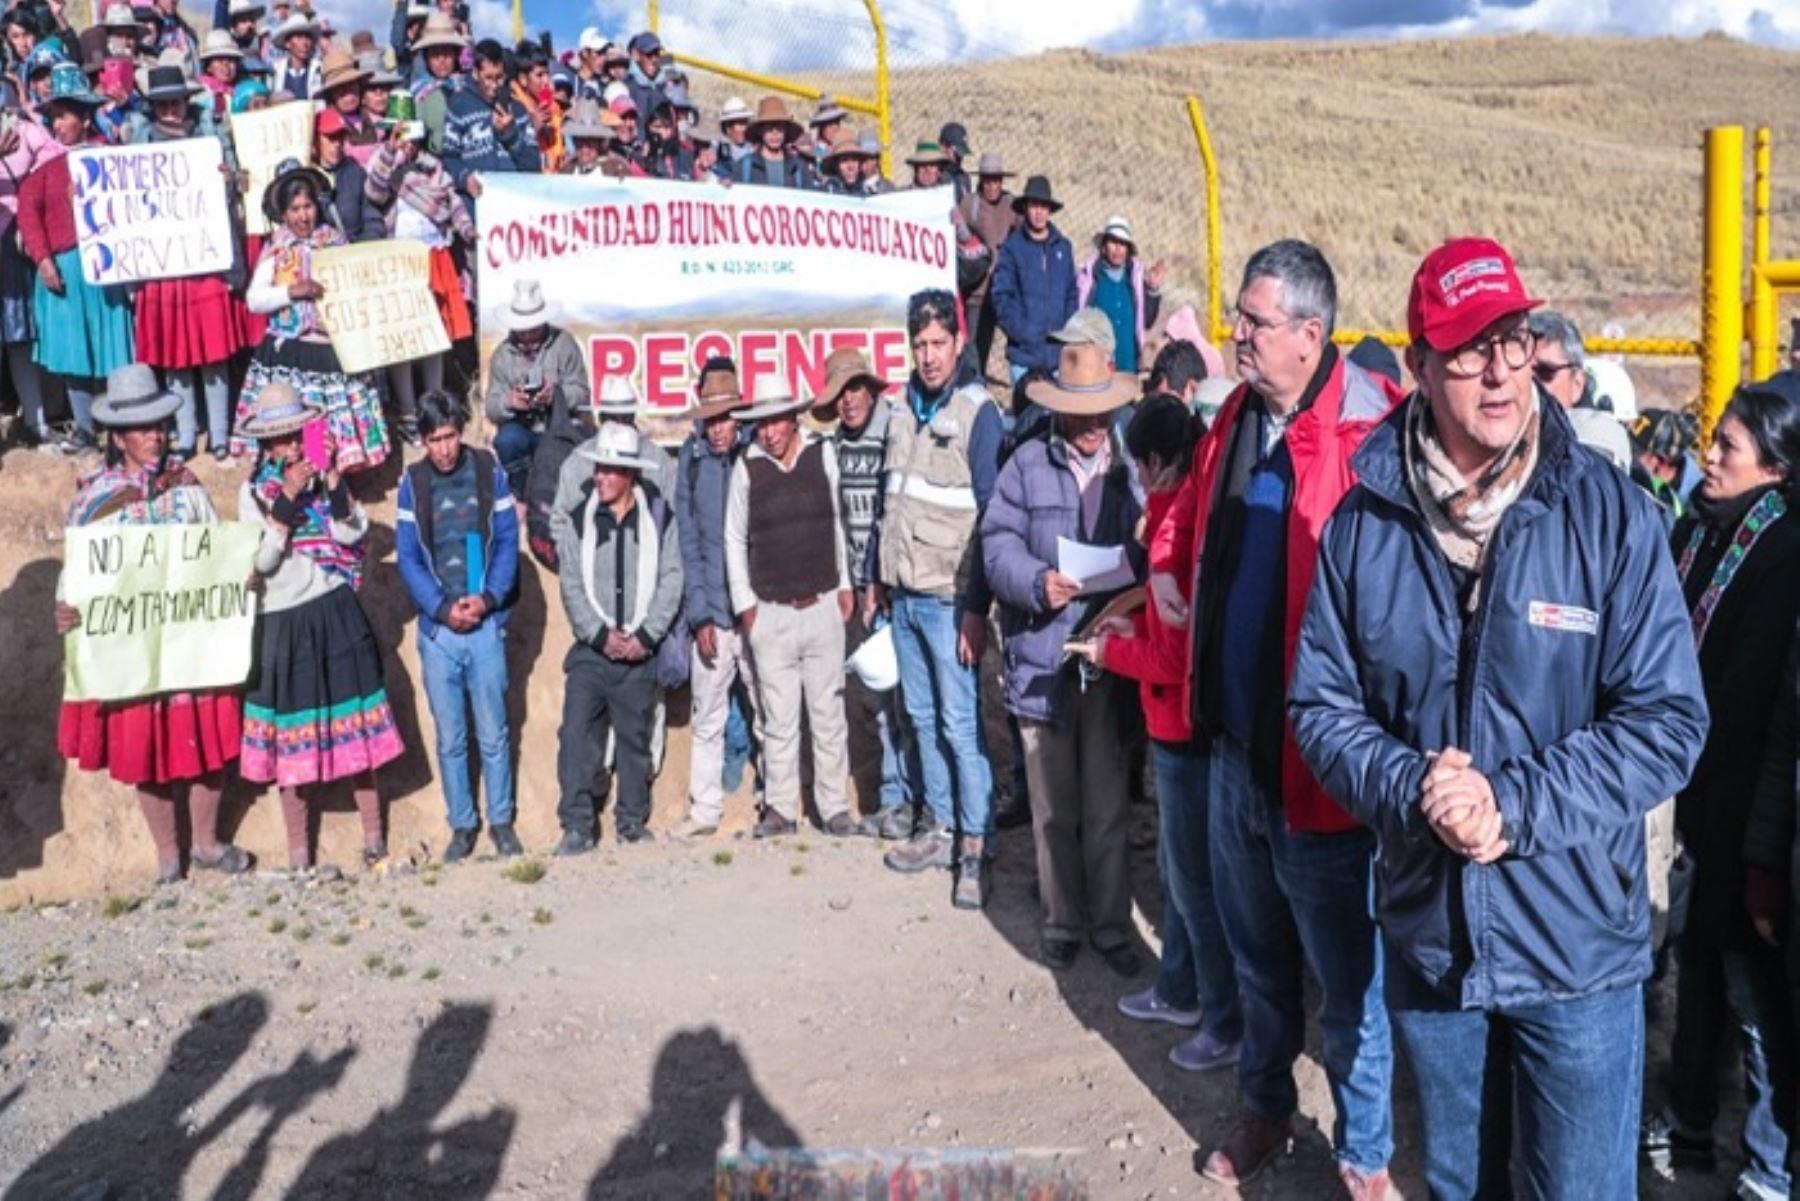 La visita se dio en cumplimiento del acuerdo asumido por el Ejecutivo durante la reunión sostenida el pasado 26 de agosto en Lima con representantes de las 13 comunidades originarias de Espinar